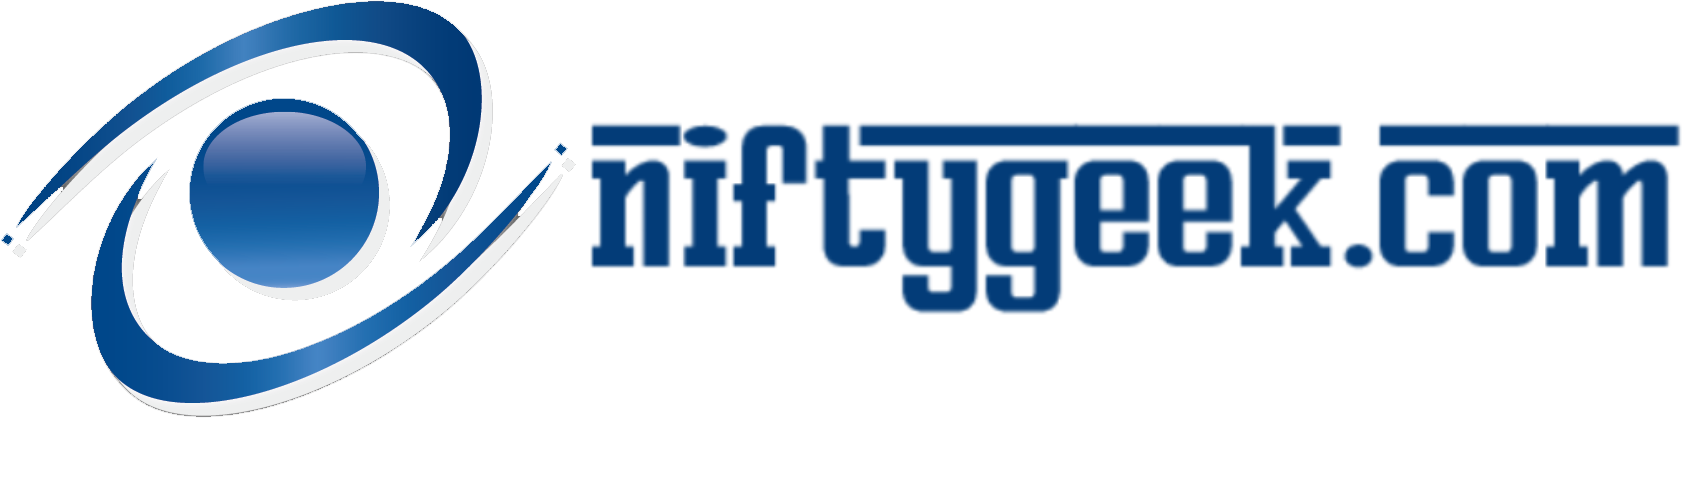 Niftygeek.com